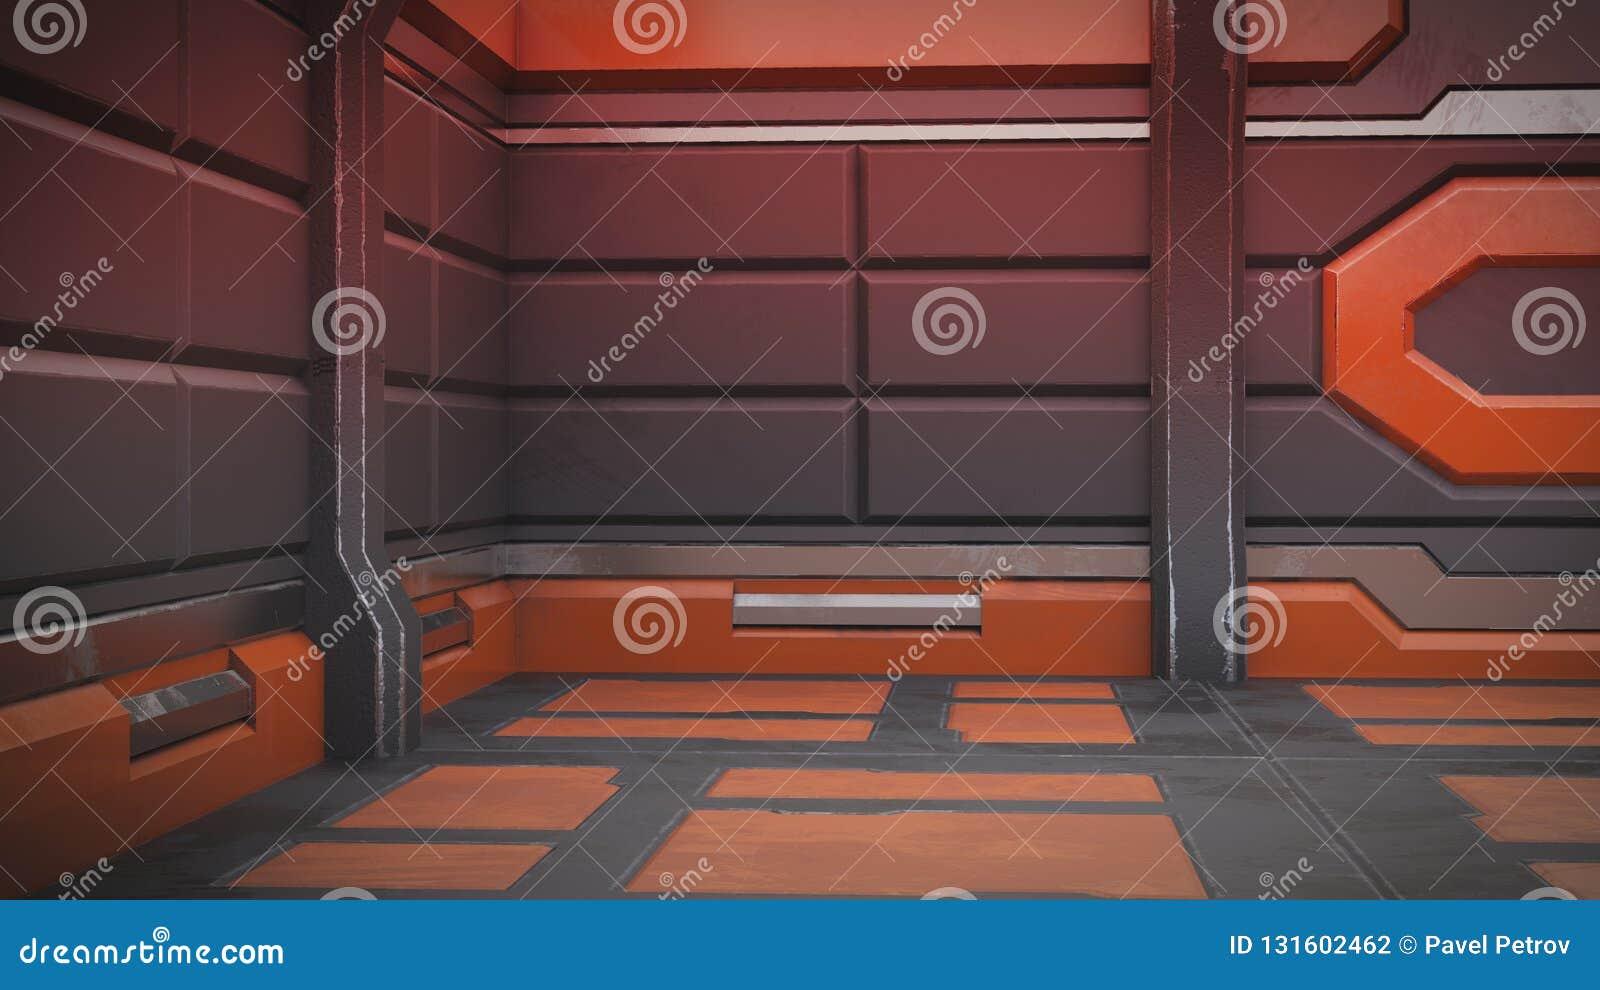 иллюстрация 3d футуристического интерьера космического корабля дизайна иллюстрация